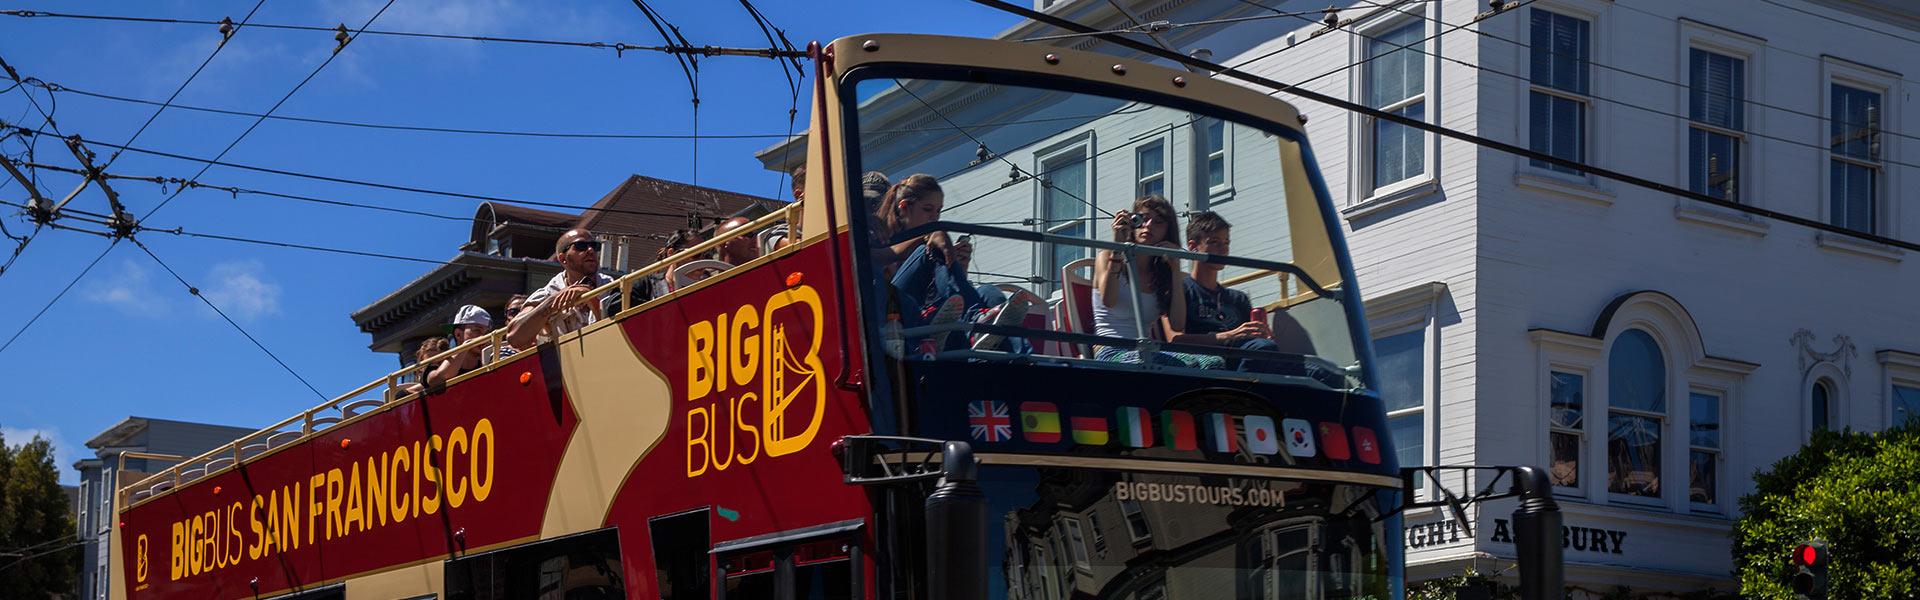 Touristen auf einem Big Bus San Francisco